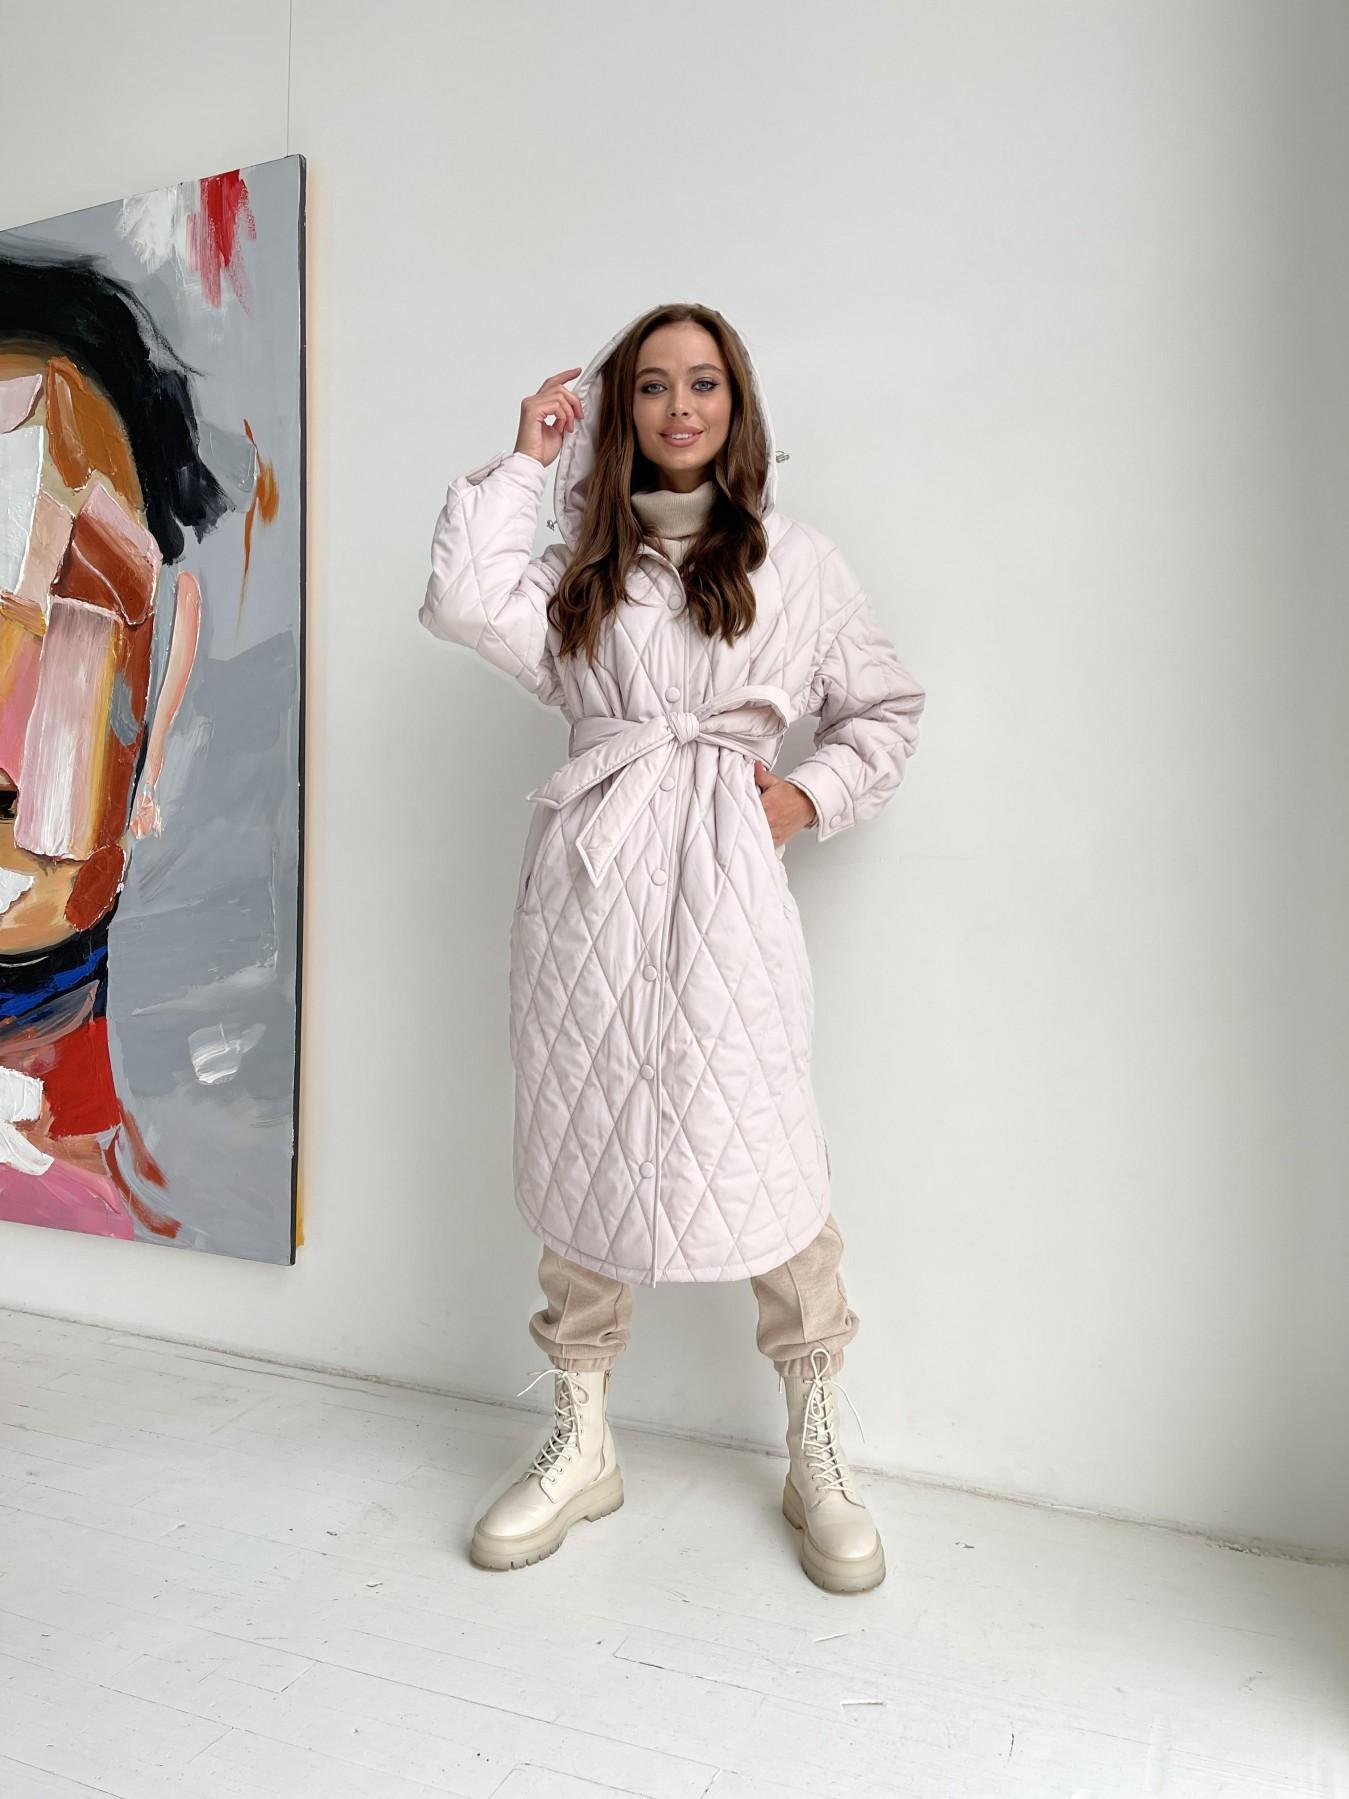 купить женскую демисезонную куртку в интернет магазине Пазл миди стеганое пальто из плащевки 11778